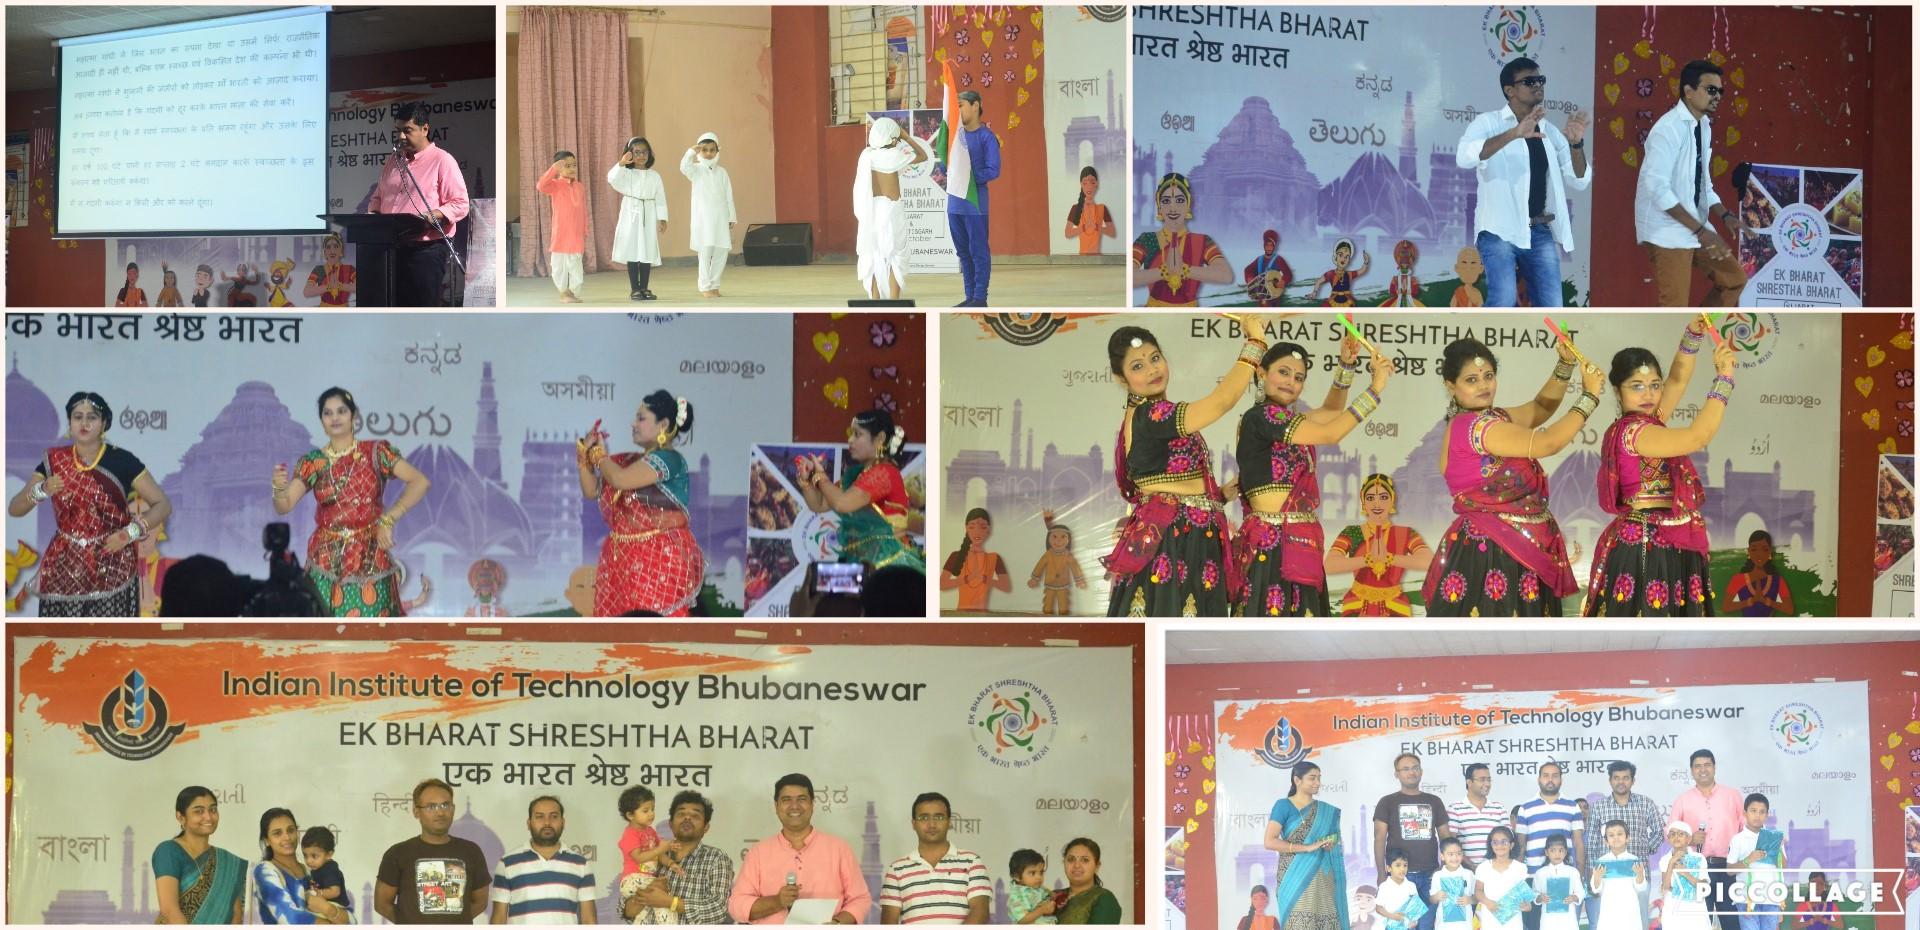 IIT Bhubaneswar organised 13th event of Ek Bharat Shreshtha Bharat